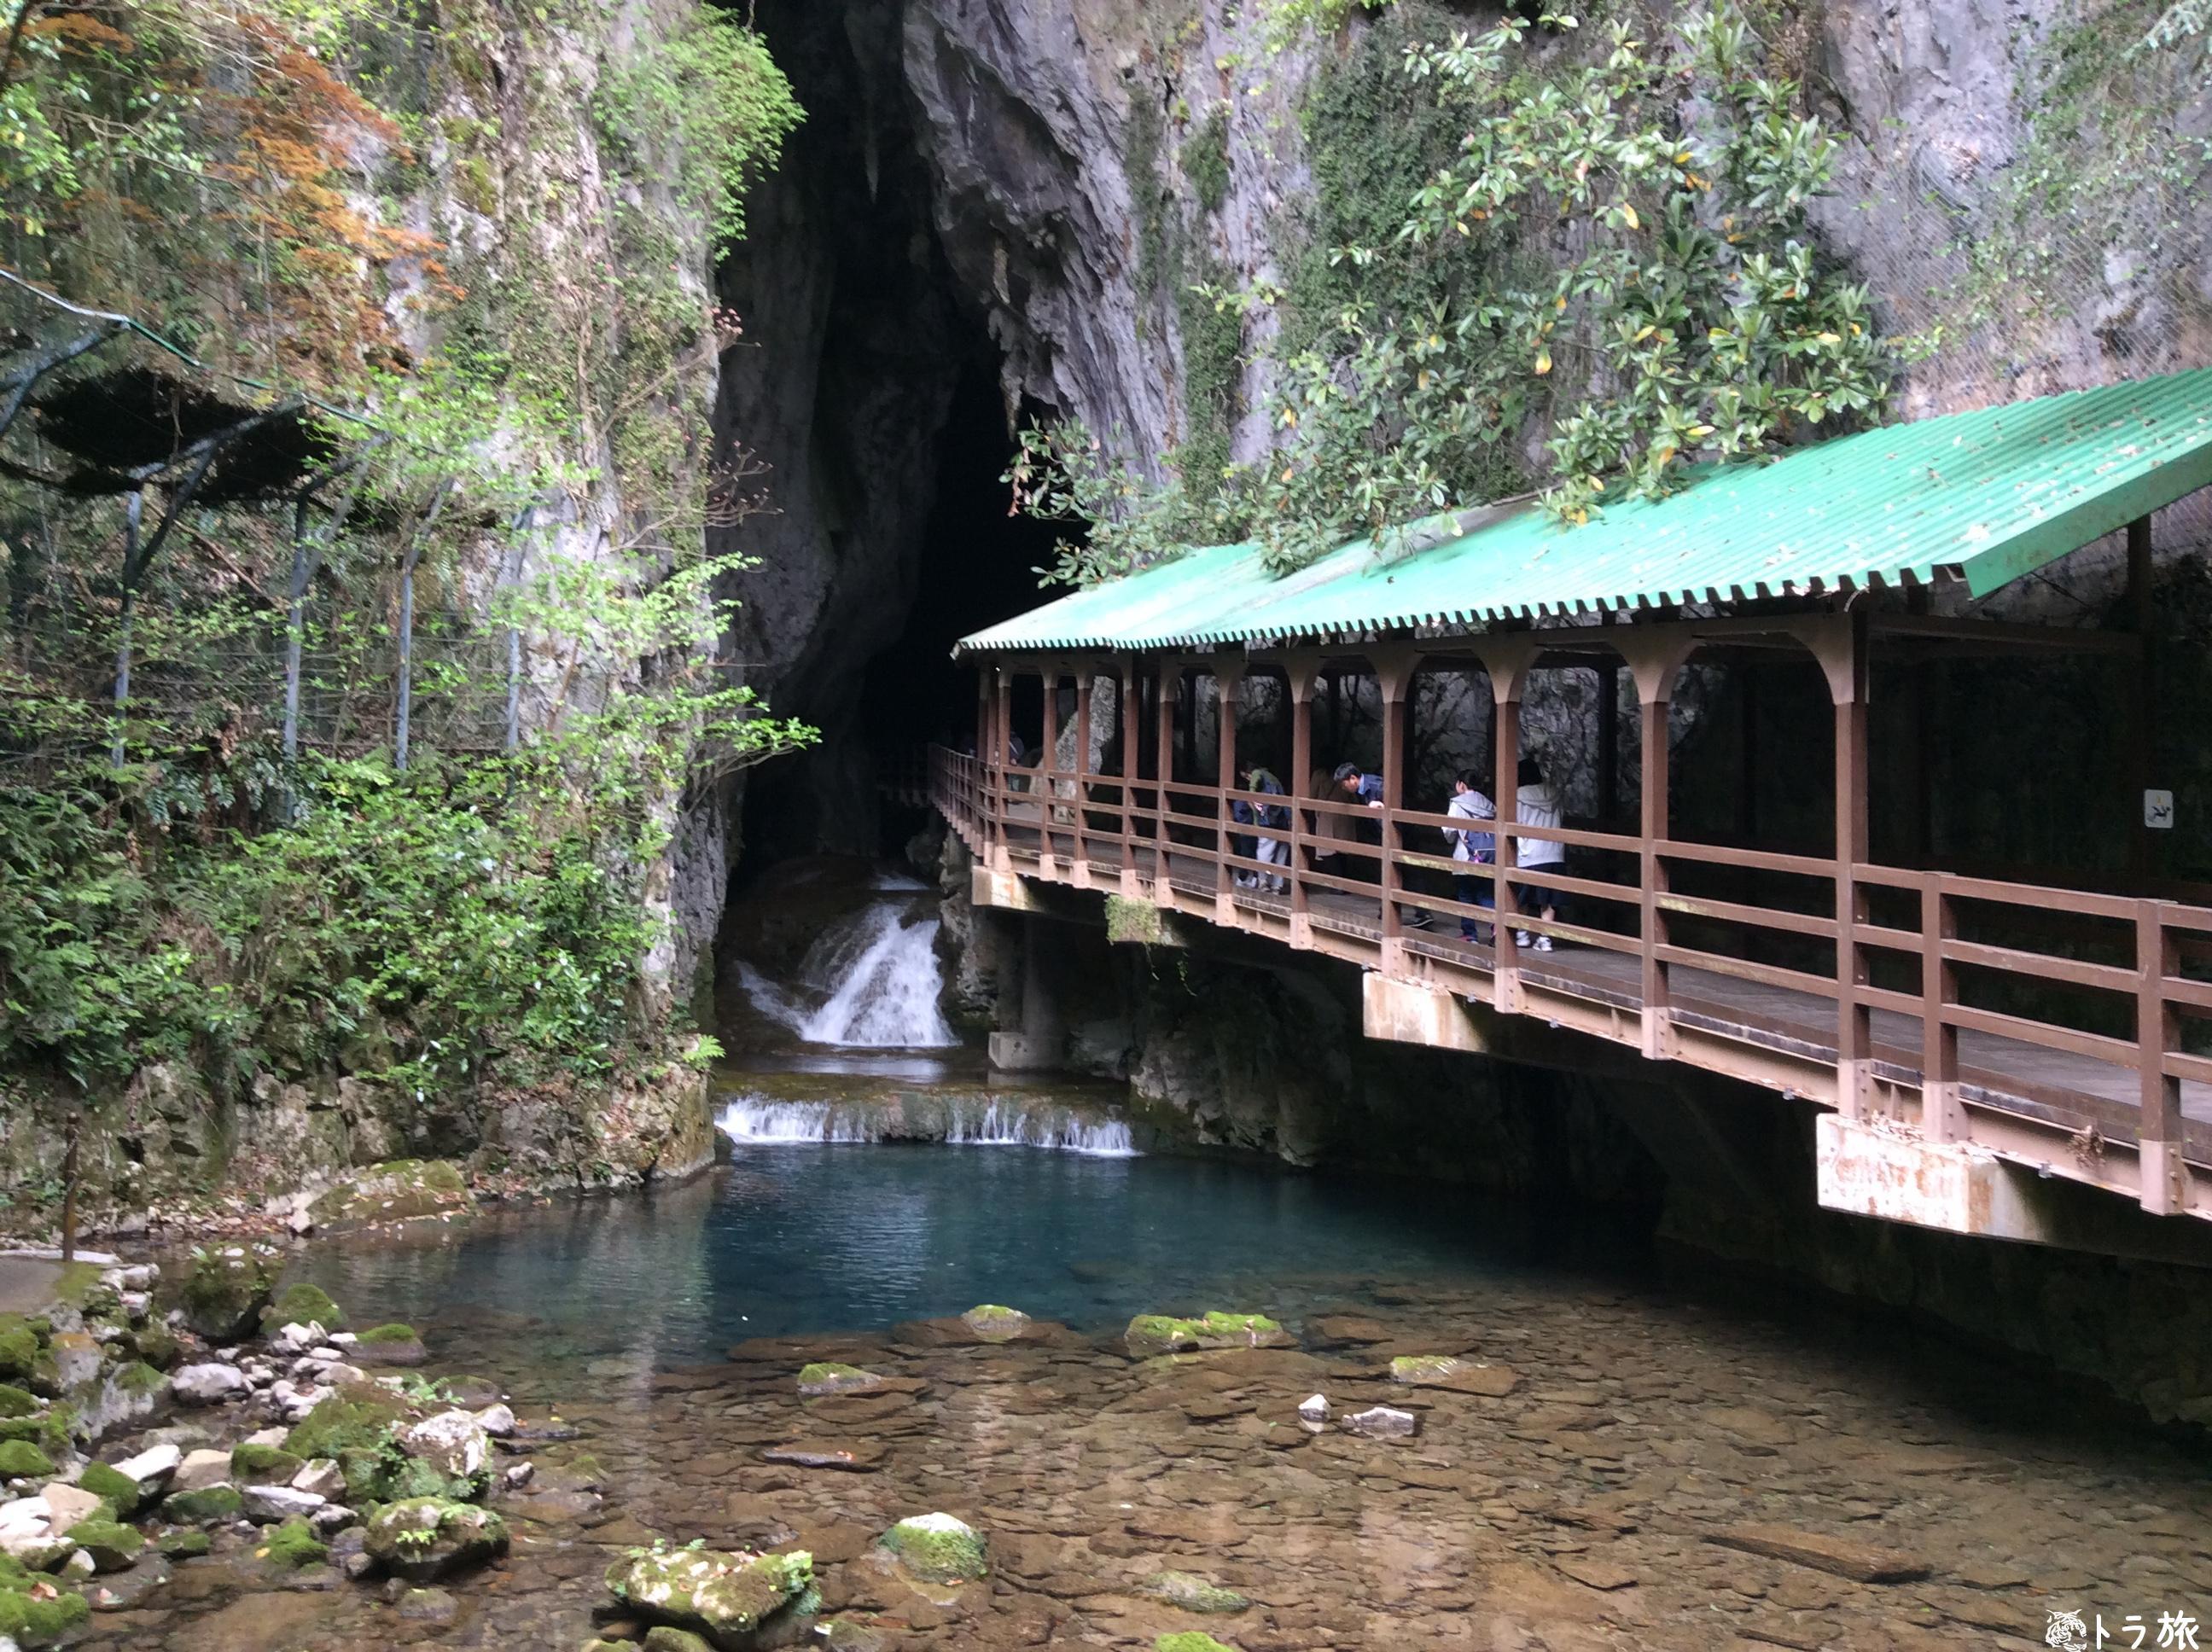 【山口県】日本三大鍾乳洞の秋芳洞には富士山がある⁉︎